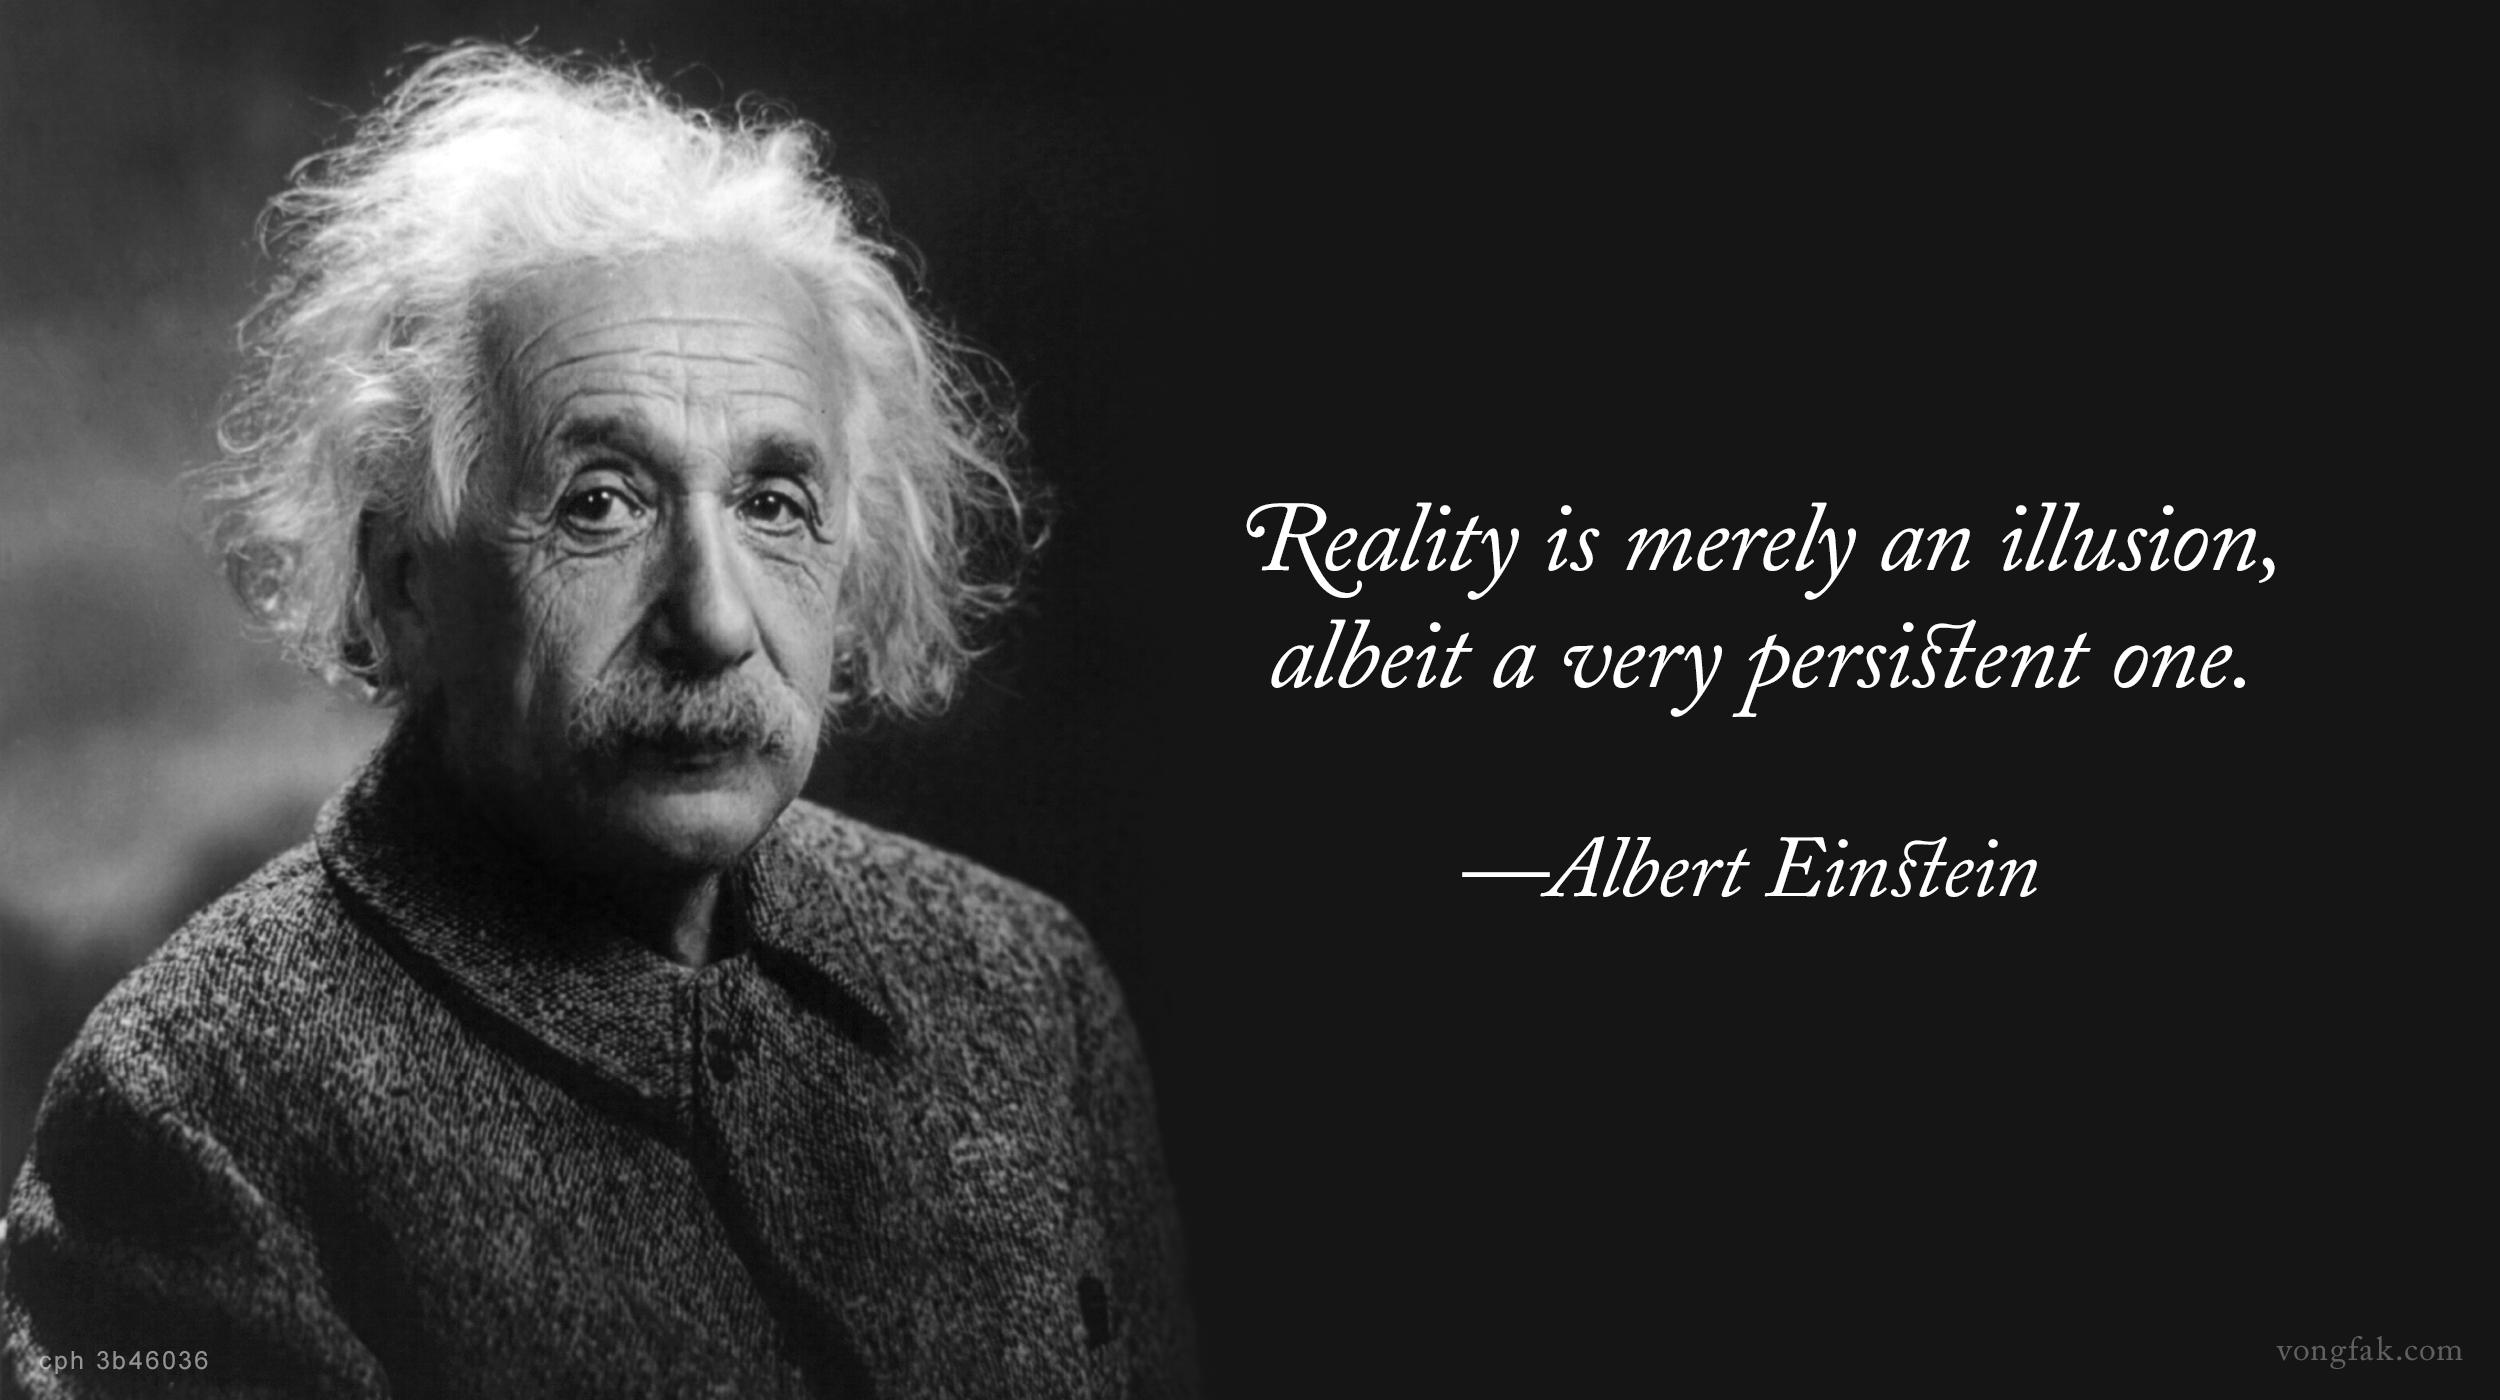 Quote_AlbertEinstein_08.png